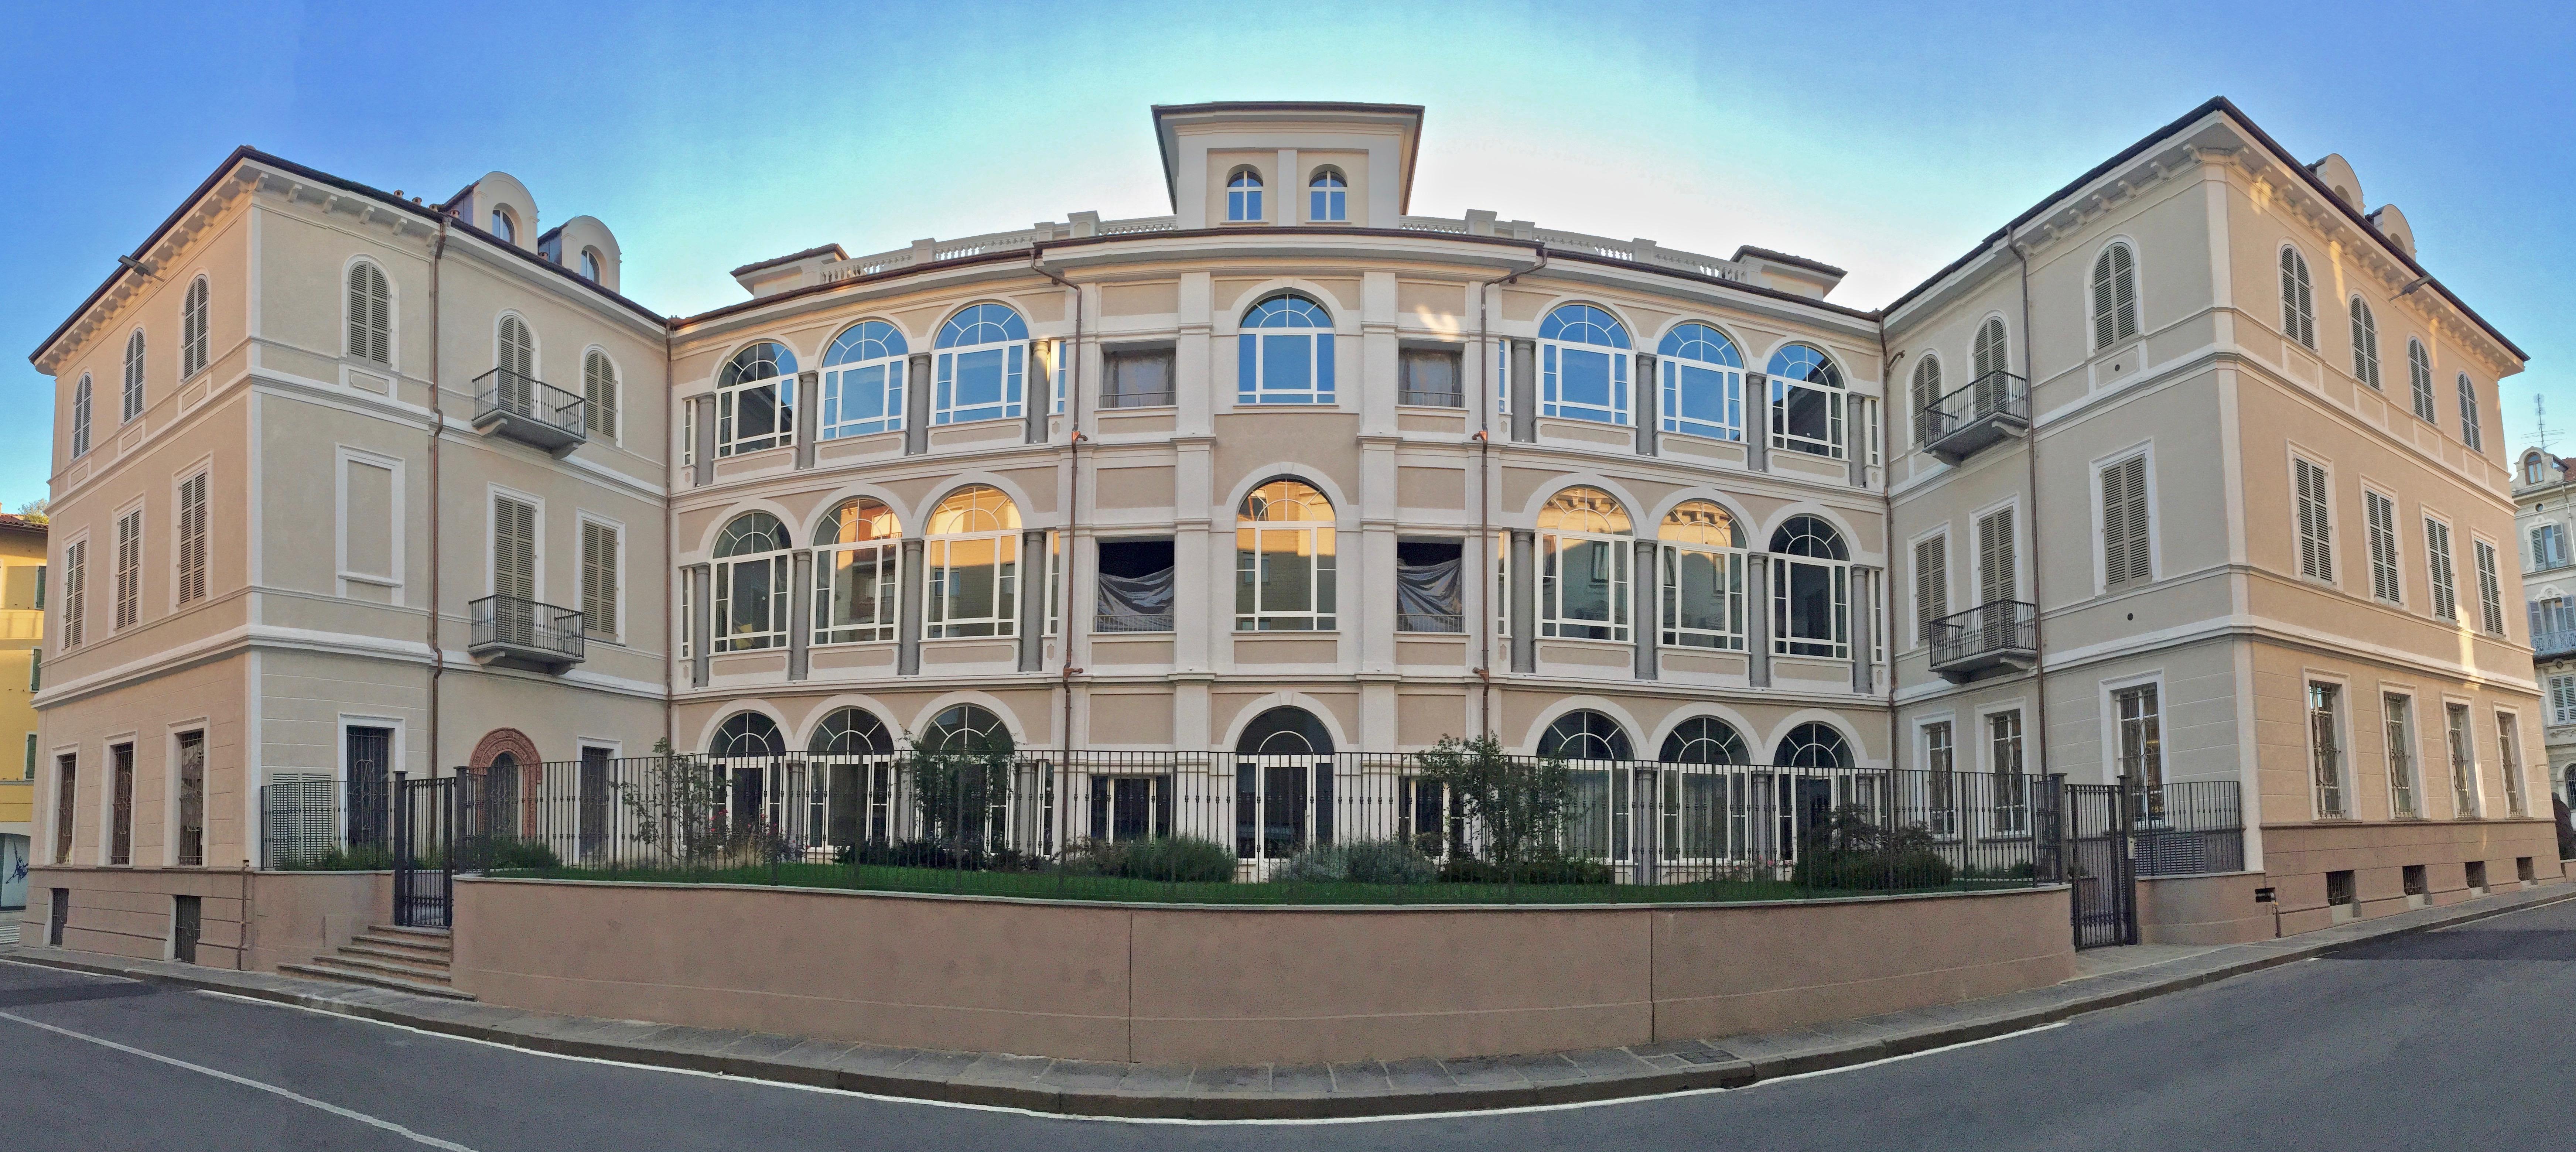 Biella Residenza Repubblica Appartamenti in Vendita